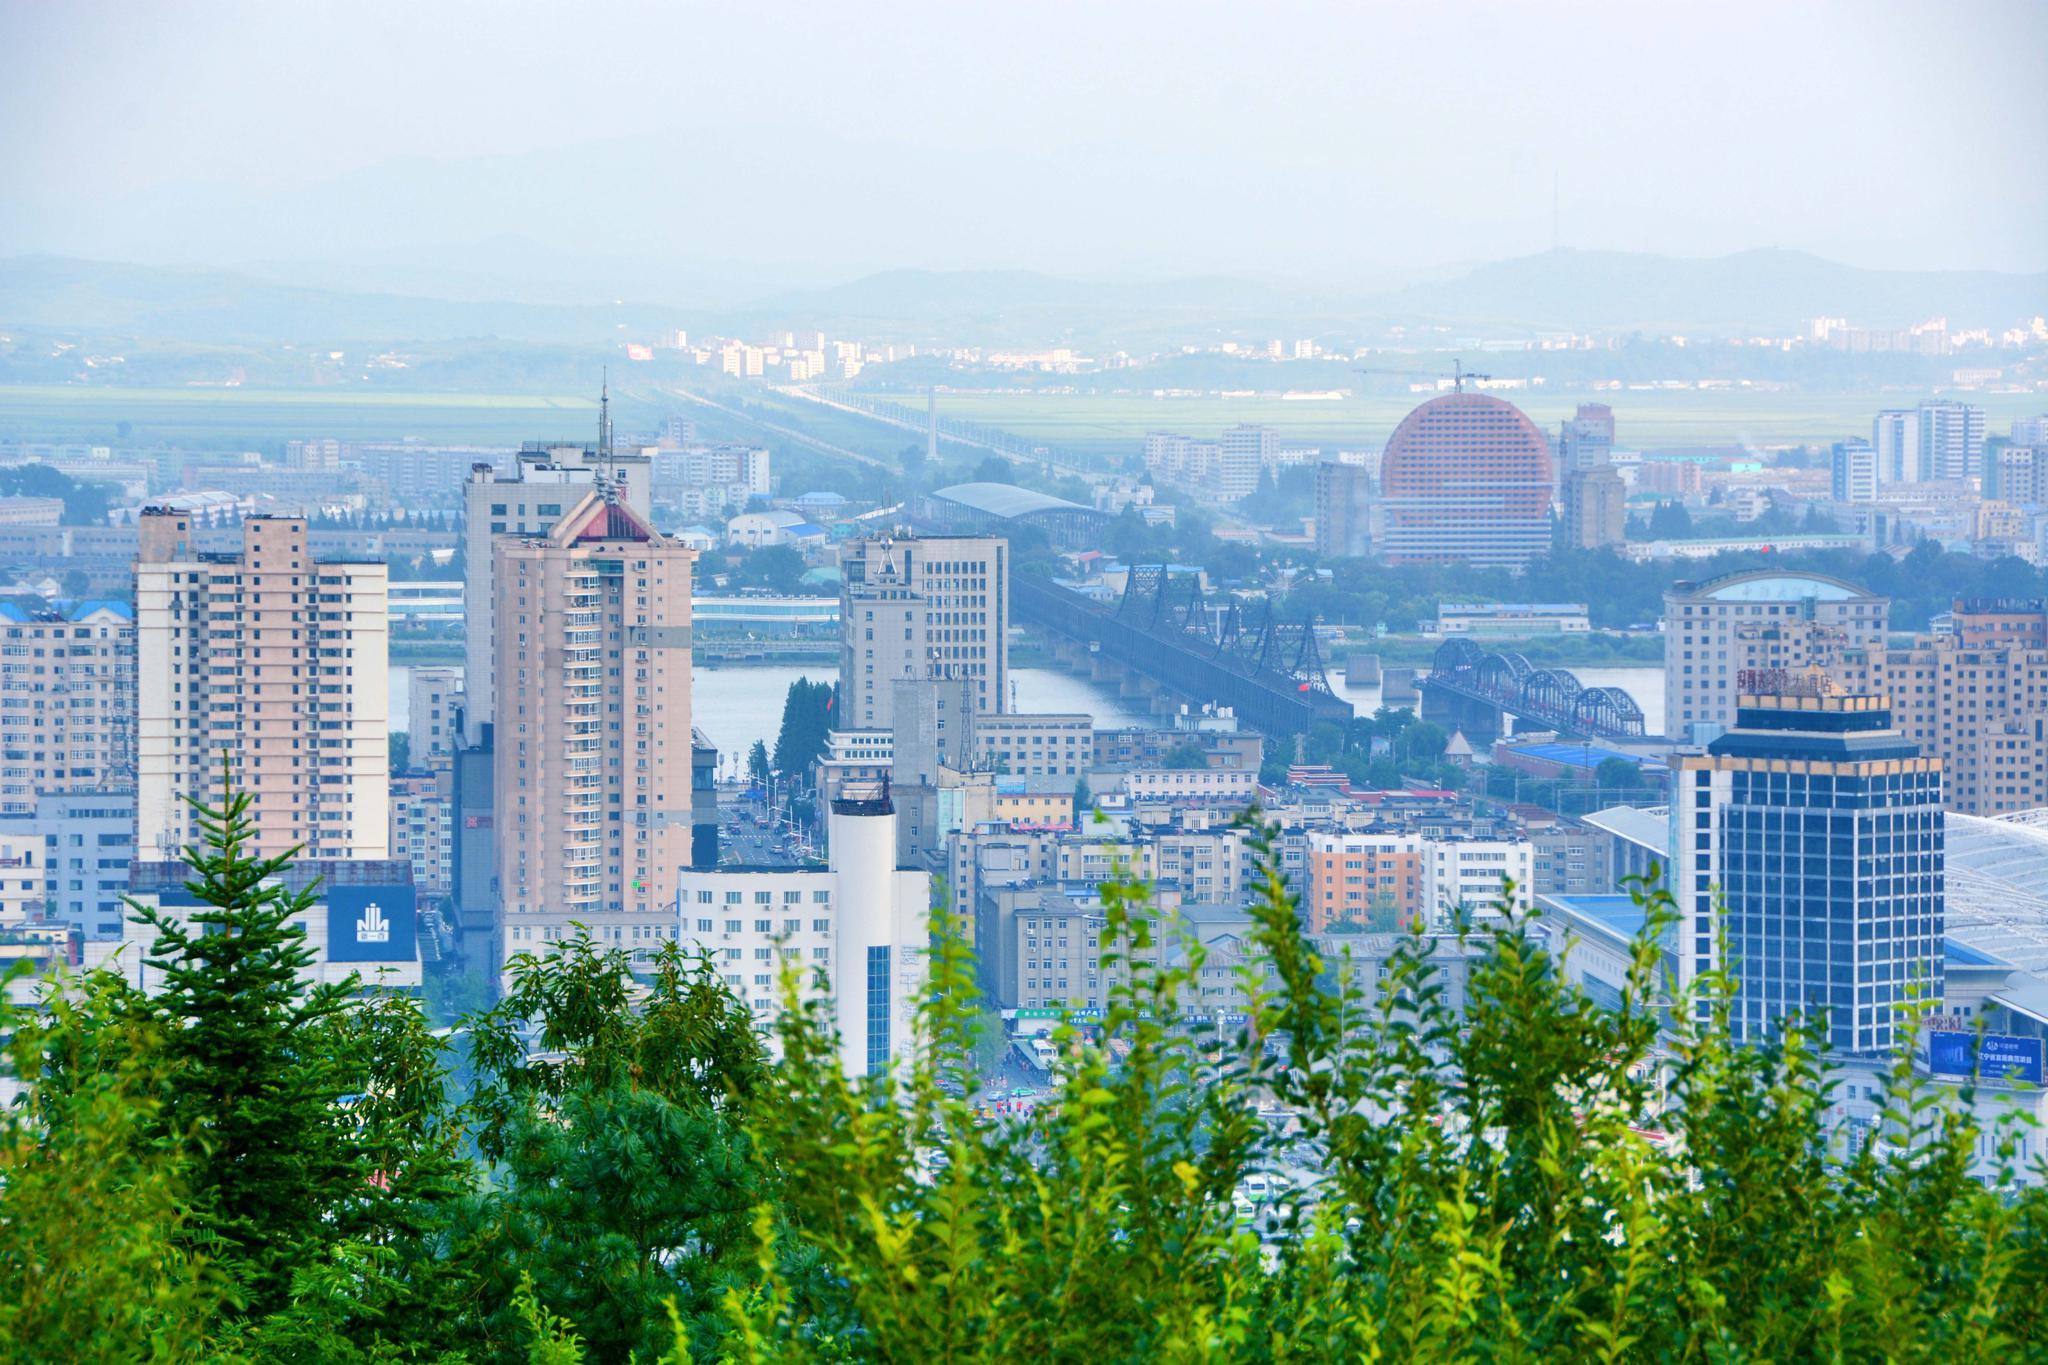 丹东锦江山公园最高处俯瞰丹东全貌,原创拍摄